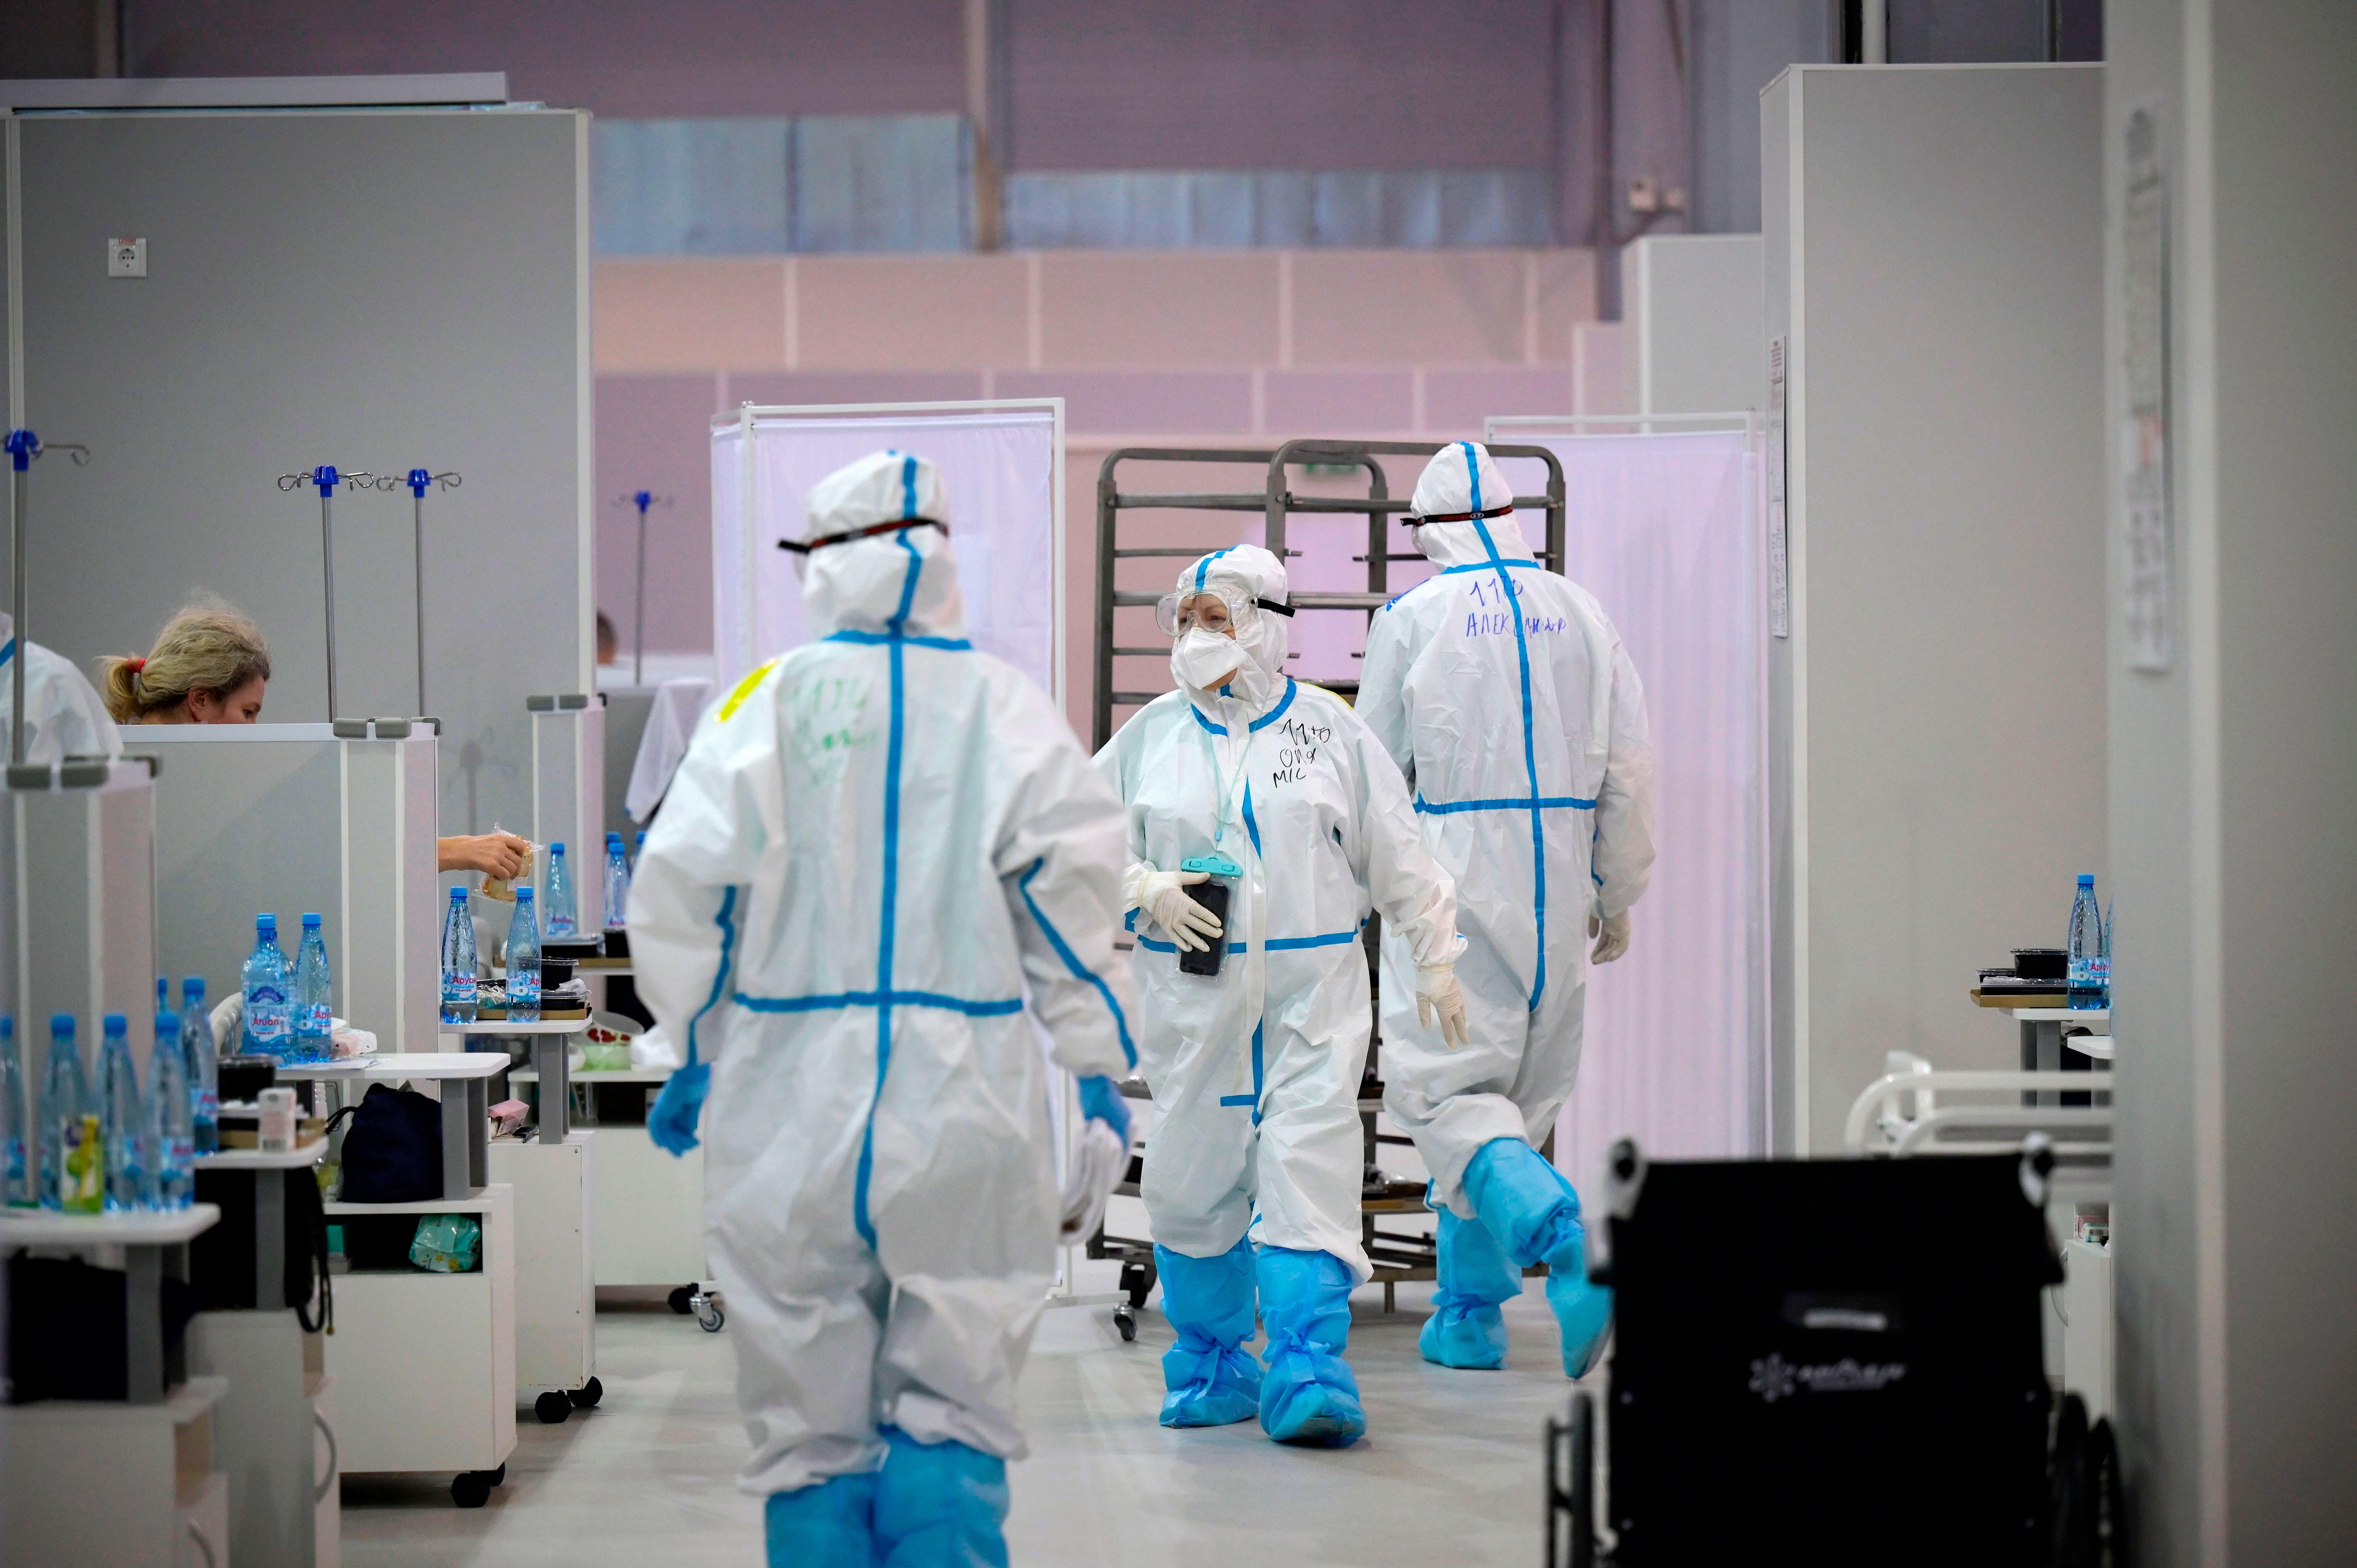 پرسنل پزشکی در مسکو در یک بیمارستان موقت برای بیماران ویروسی کرونا در 9 نوامبر کار می کنند.